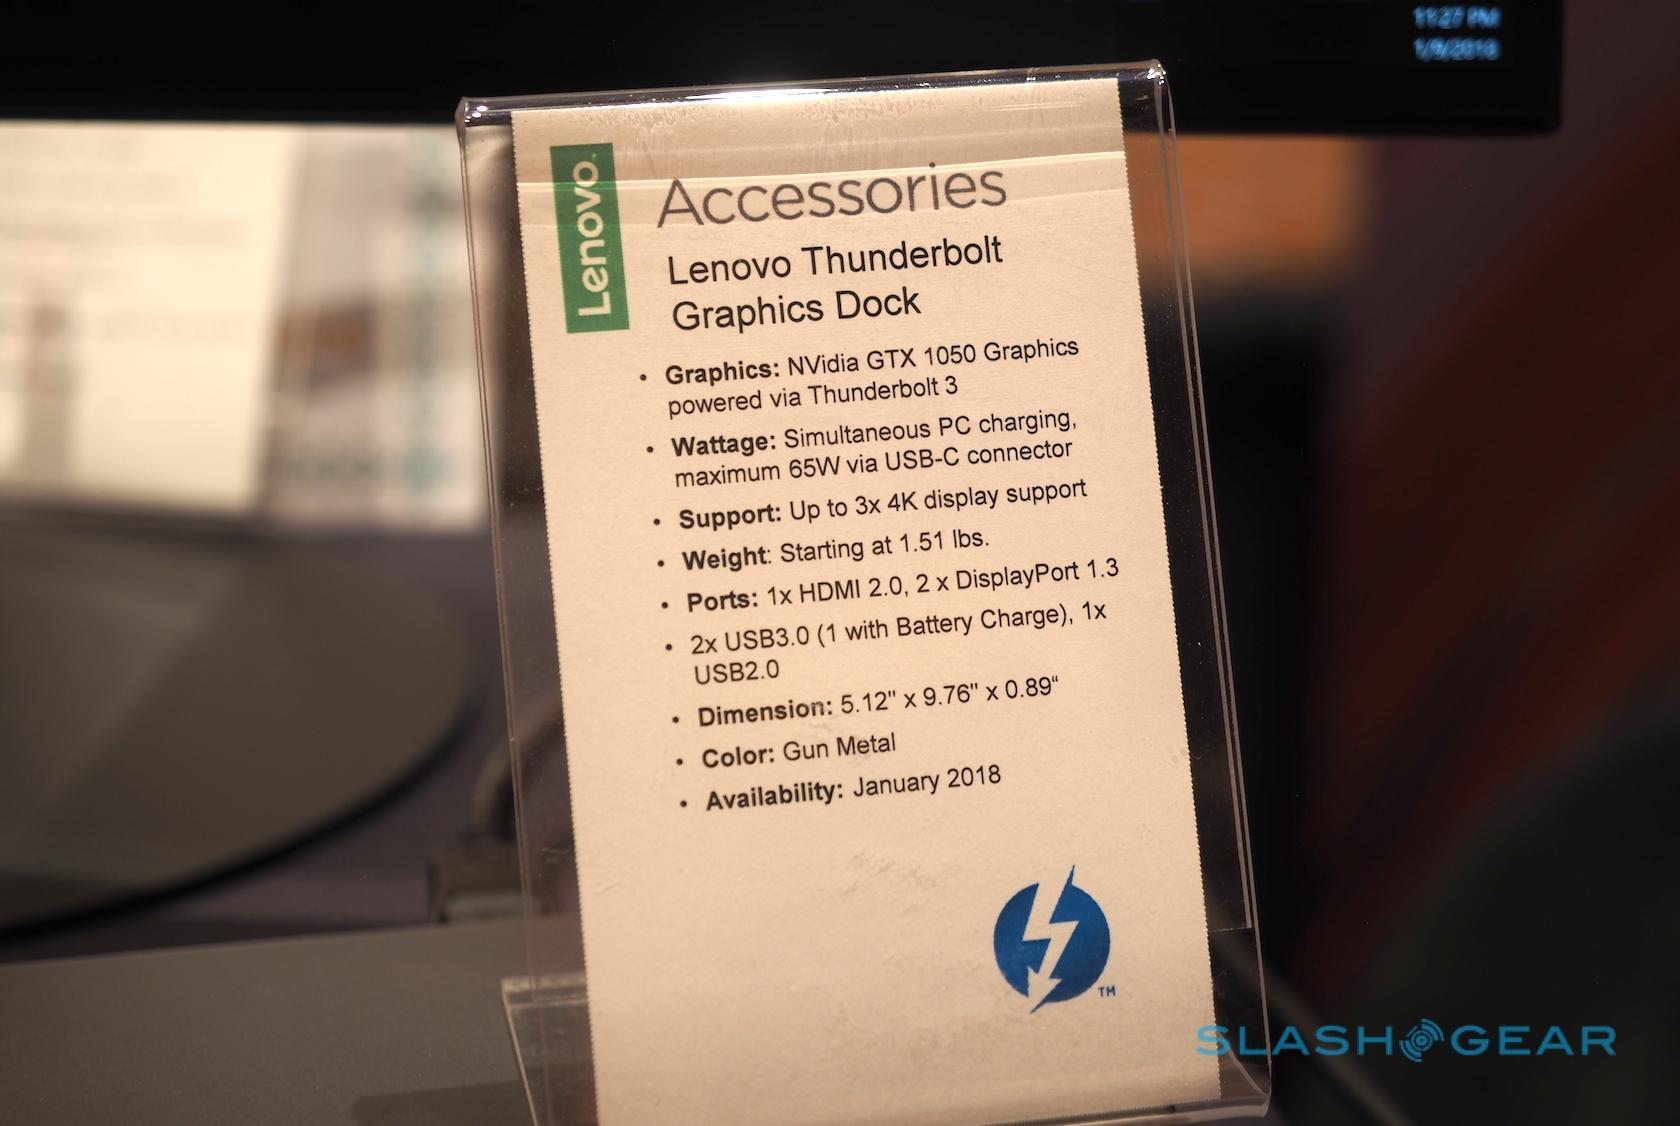 Lenovo Thunderbolt 3 Graphics Dock runs Windows Mixed